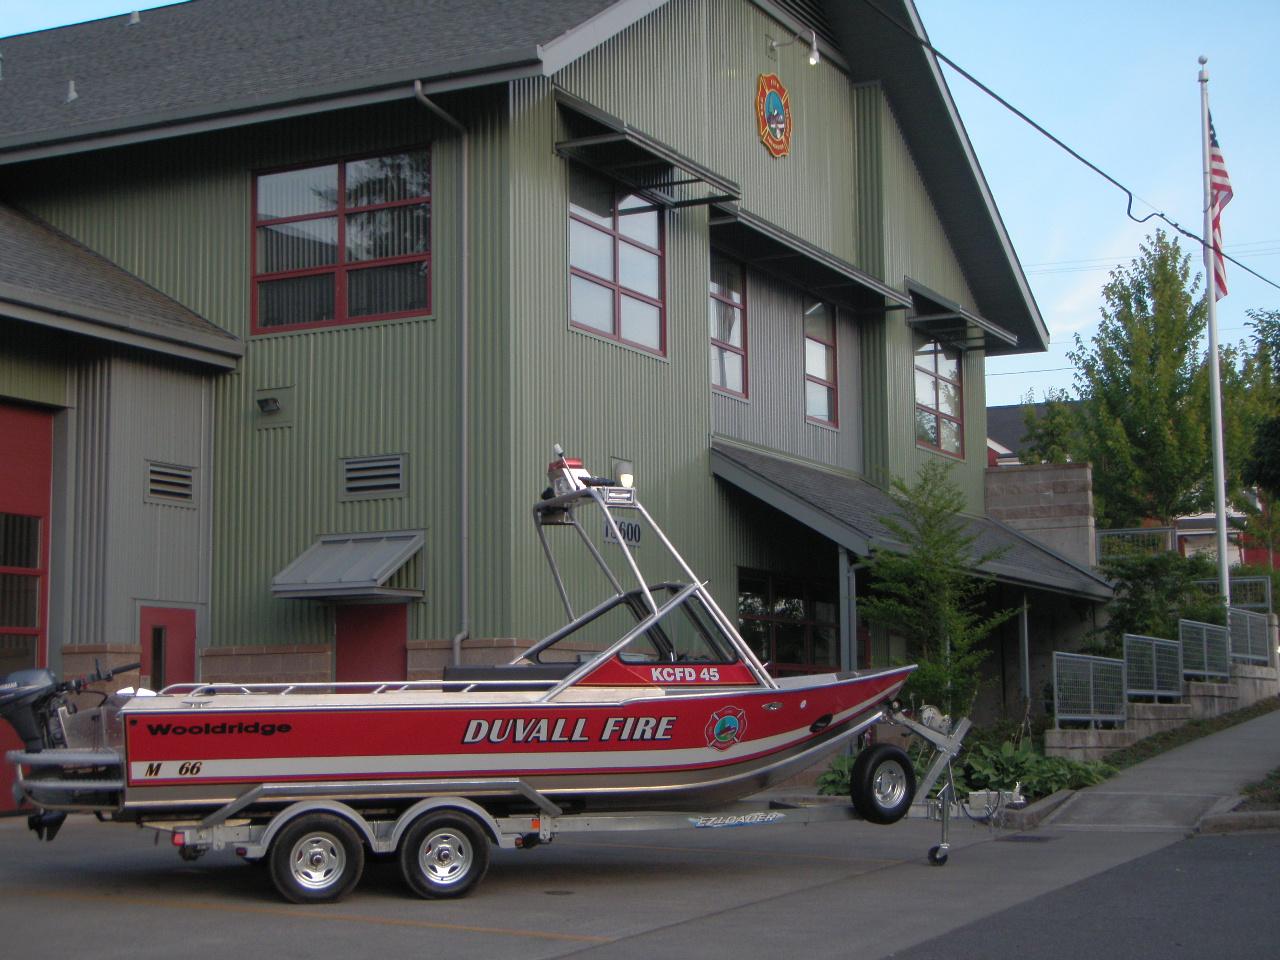 Marine 66 - New 008